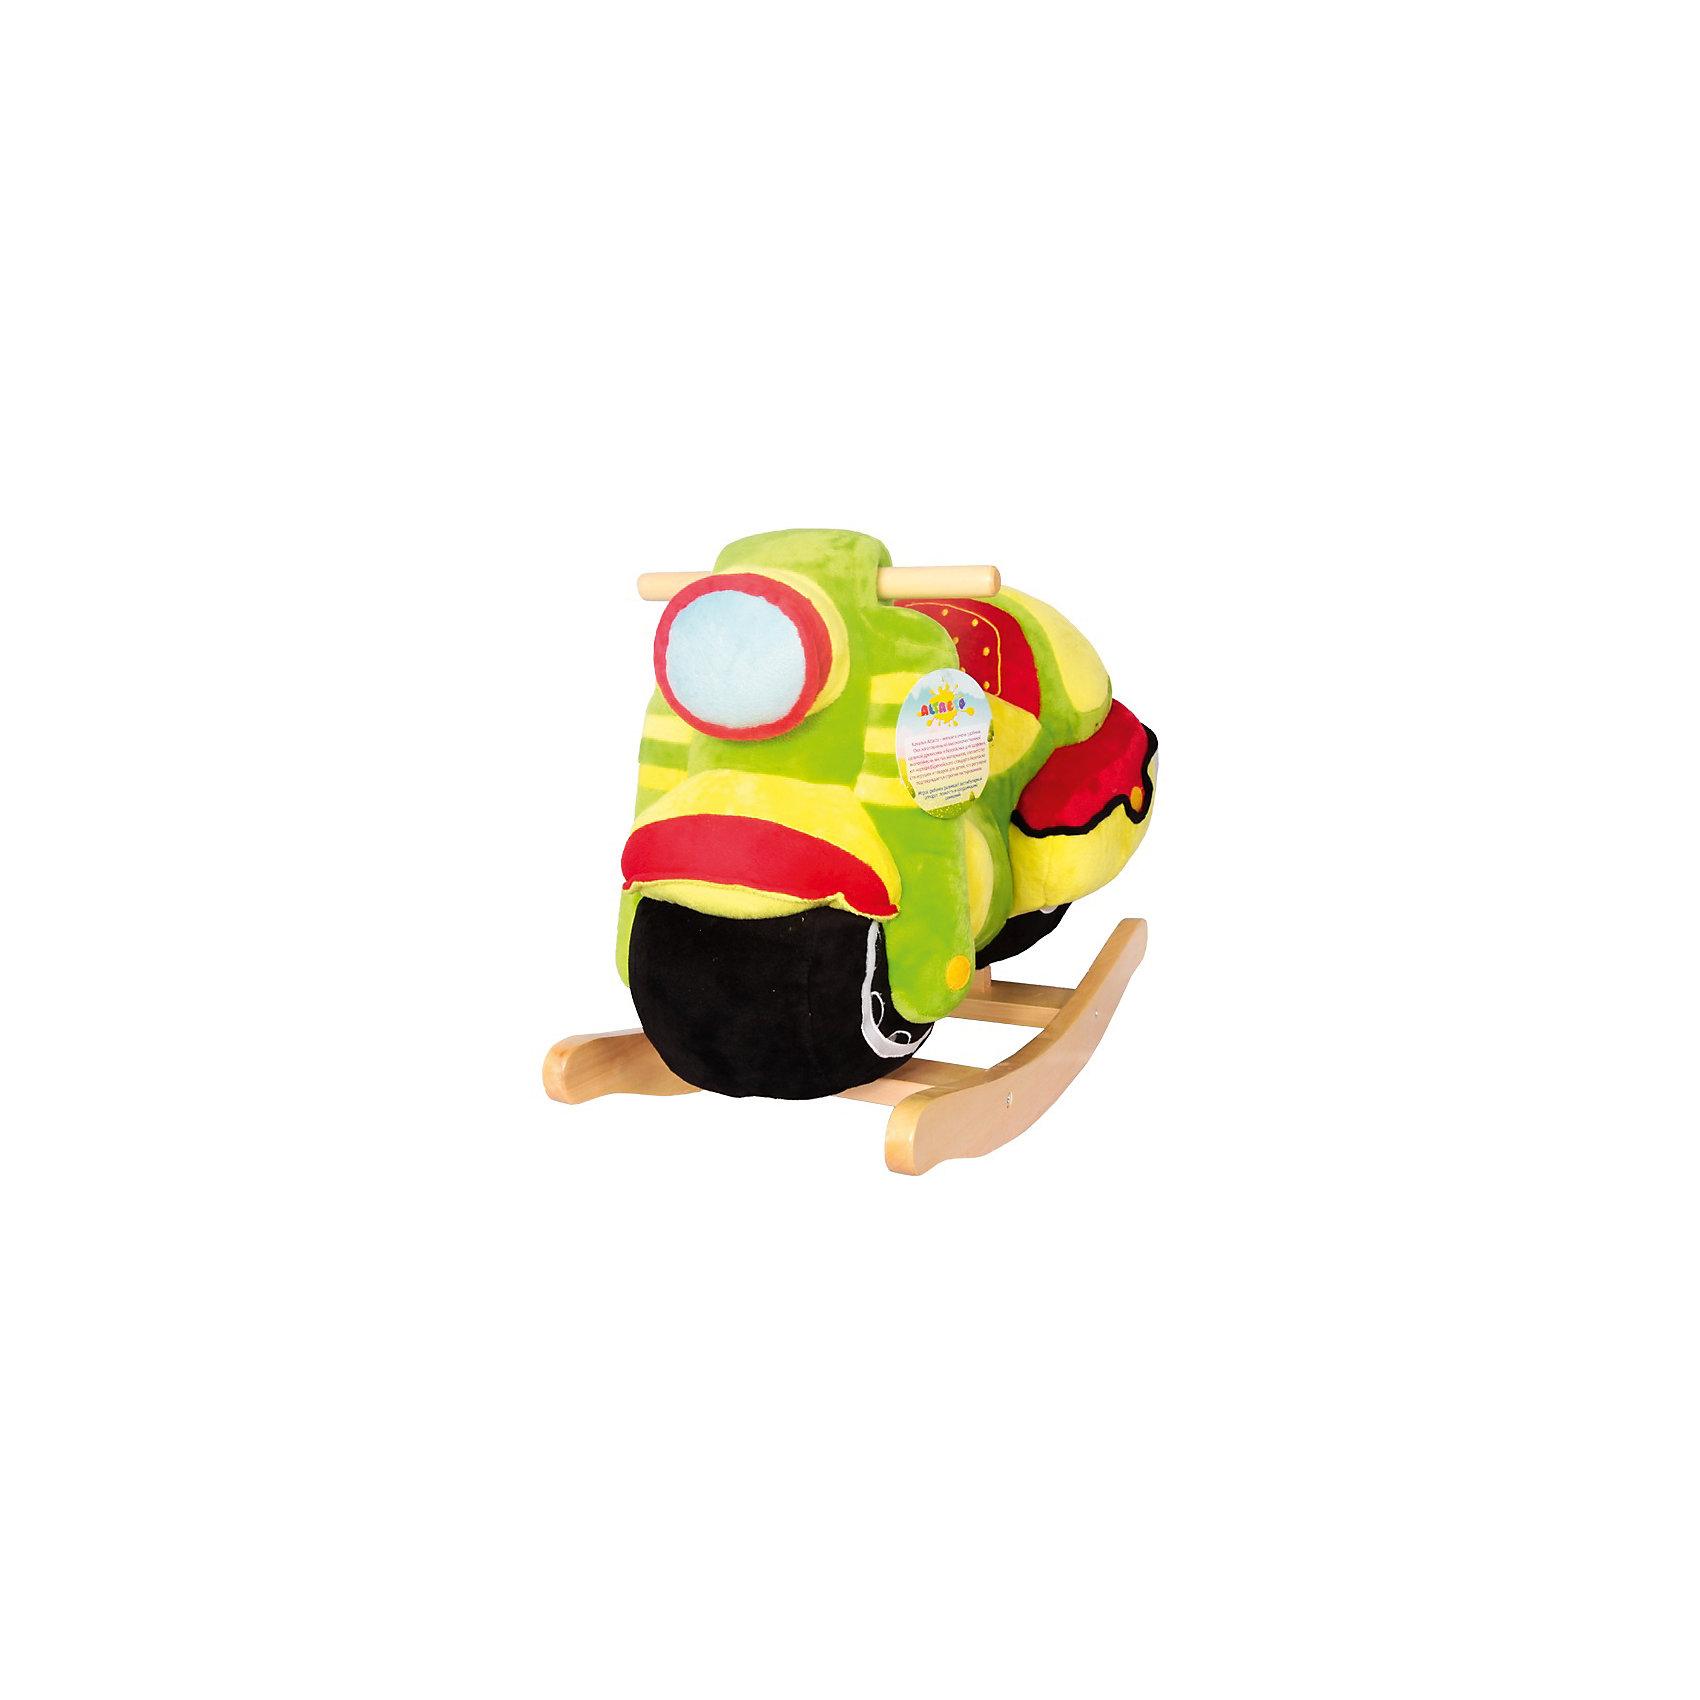 Качалка Мотоцикл, AltactoКачалка Altacto «Мотоцикл» станет первым транспортным средством ребёнка. Играть с ним очень весело: игрушка яркая, мягкая и приятная на ощупь, на передней части мотоцикла расположены кнопка, которая включает и выключает музыку, и пищалка. <br><br>Благодаря спинке сиденье качалки очень комфортное. Игрушка станет хорошей альтернативой обычному стульчику. <br><br>Качаясь, ребёнок развивает вестибулярный аппарат, ловкость и координацию движений.<br><br>Работает от батареек (идут в комплекте).<br><br>Ширина мм: 640<br>Глубина мм: 295<br>Высота мм: 450<br>Вес г: 4100<br>Возраст от месяцев: 12<br>Возраст до месяцев: 36<br>Пол: Унисекс<br>Возраст: Детский<br>SKU: 4779833